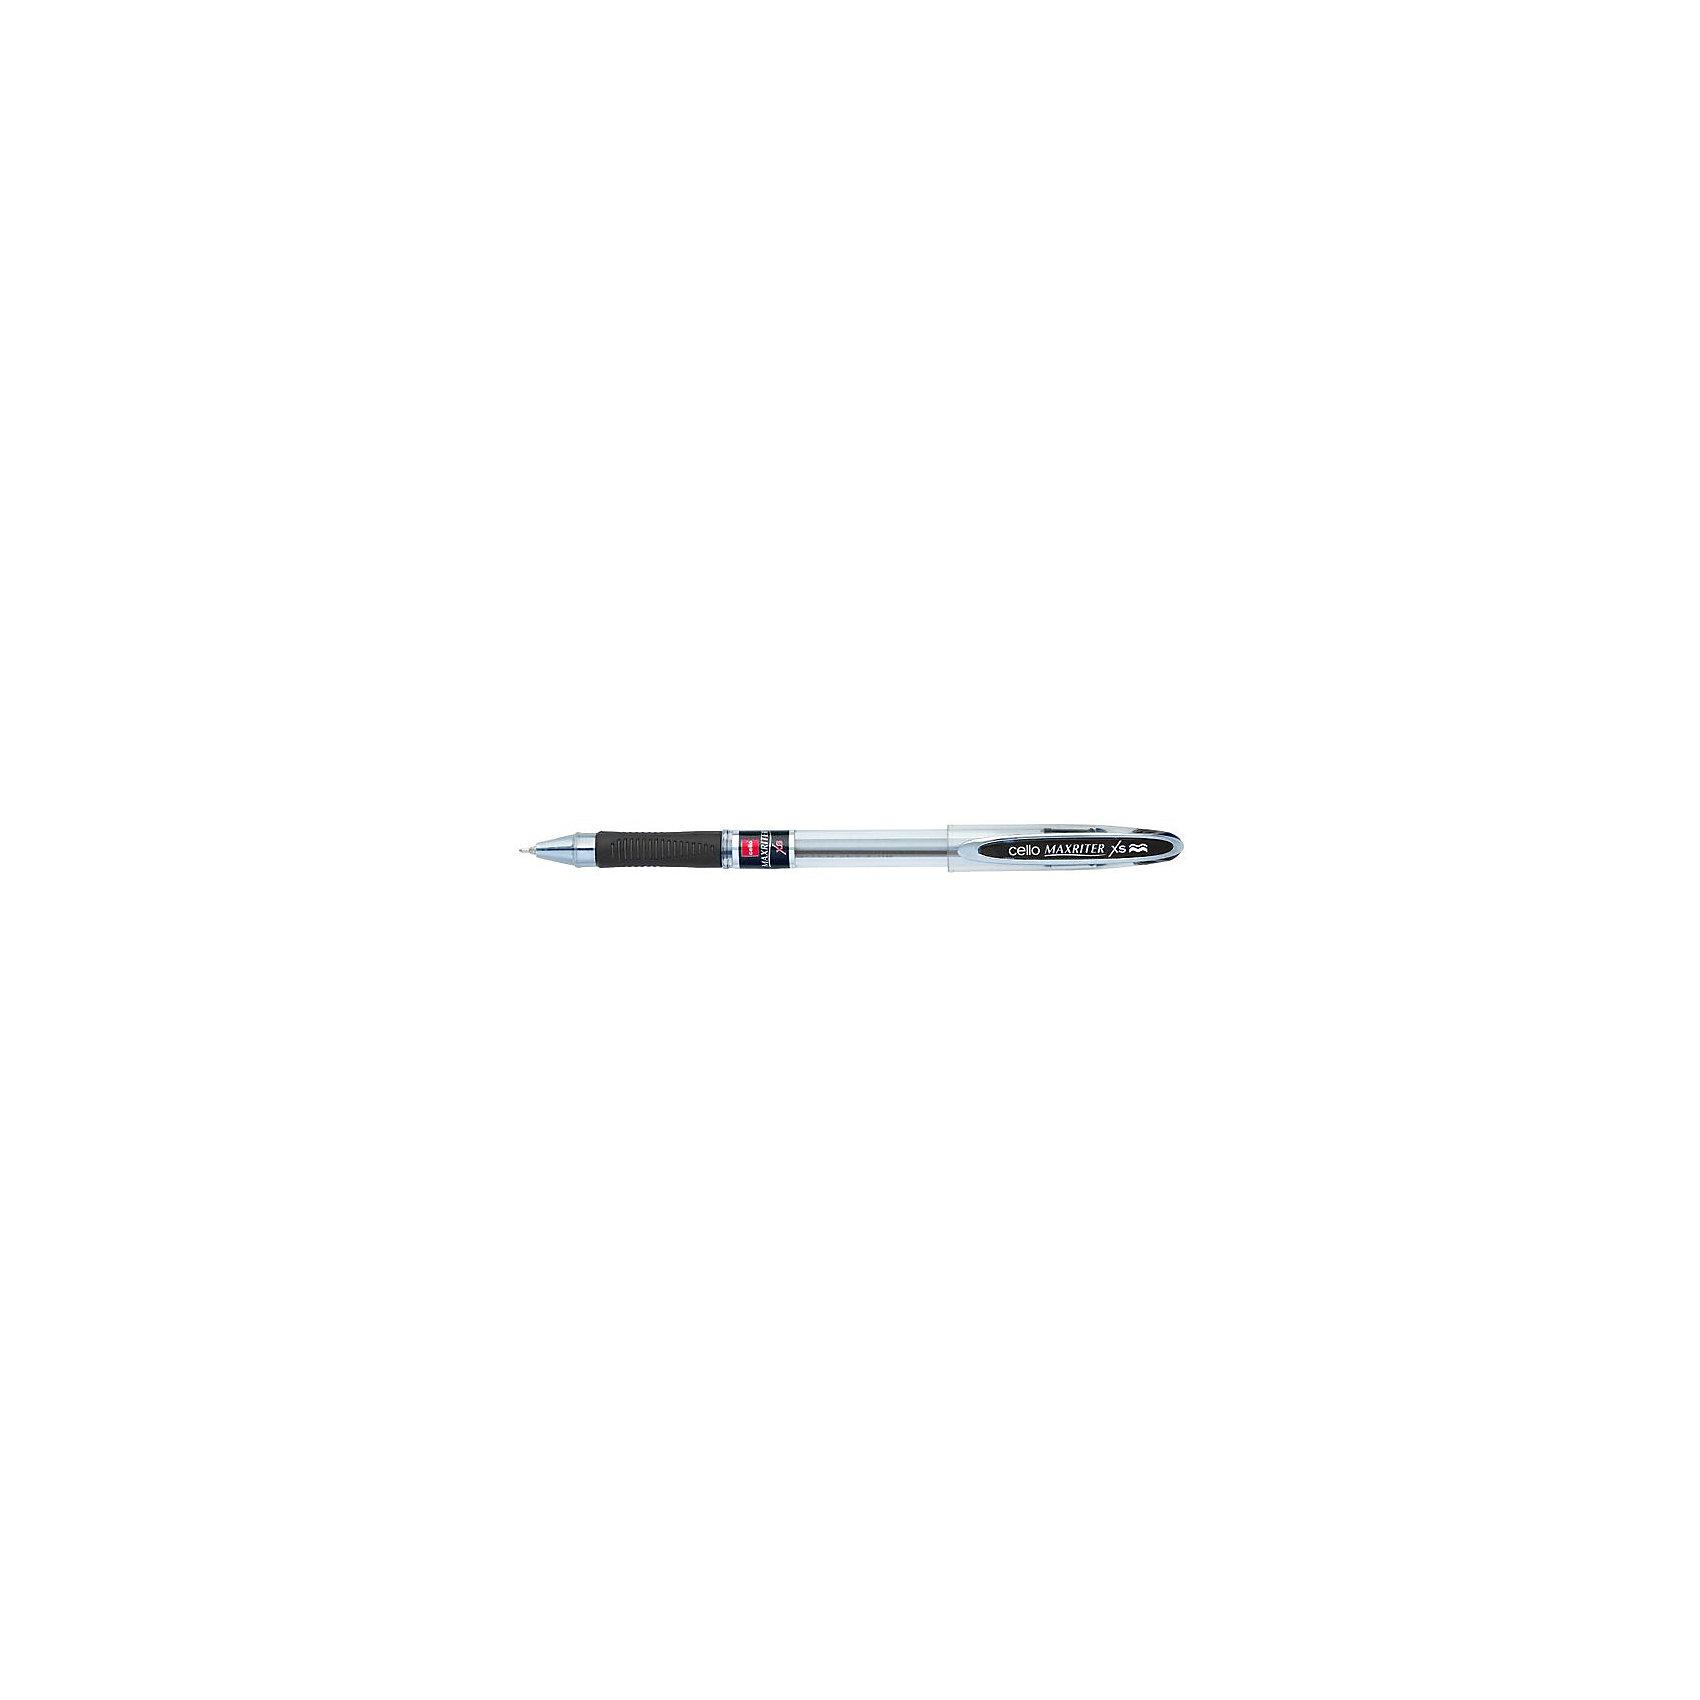 Cello Ручка шариковая MAXRITER XS 0,7мм, чернаяПисьменные принадлежности<br>Ручка MAXRITER XS - это новое прочтение классики. Модель сохраняет все достоинства классической модели MAXRITER: увеличенный запас чернил, обеспечивающий рекордную протяженность письма (4000 м), суперпрочный пишущий узел из сплава никеля и серебра, гарантирующий мягкое и плавное письмо с наименьшими усилиями и эргономичную форму грипа для пальцев, создающую дополнительный комфорт при письме. При этом модель MAXRITER XS имеет более современный дизайн и улучшенную формулу чернил, обеспечивающую еще более гладкое, мягкое и ровное письмо, на стержне окно для контроля уровня чернил. Игольчатый пишущий узел толщиной 0,7 мм, цвет чернил - черный.<br><br>Ширина мм: 148<br>Глубина мм: 10<br>Высота мм: 15<br>Вес г: 10<br>Возраст от месяцев: 36<br>Возраст до месяцев: 2147483647<br>Пол: Унисекс<br>Возраст: Детский<br>SKU: 6725438